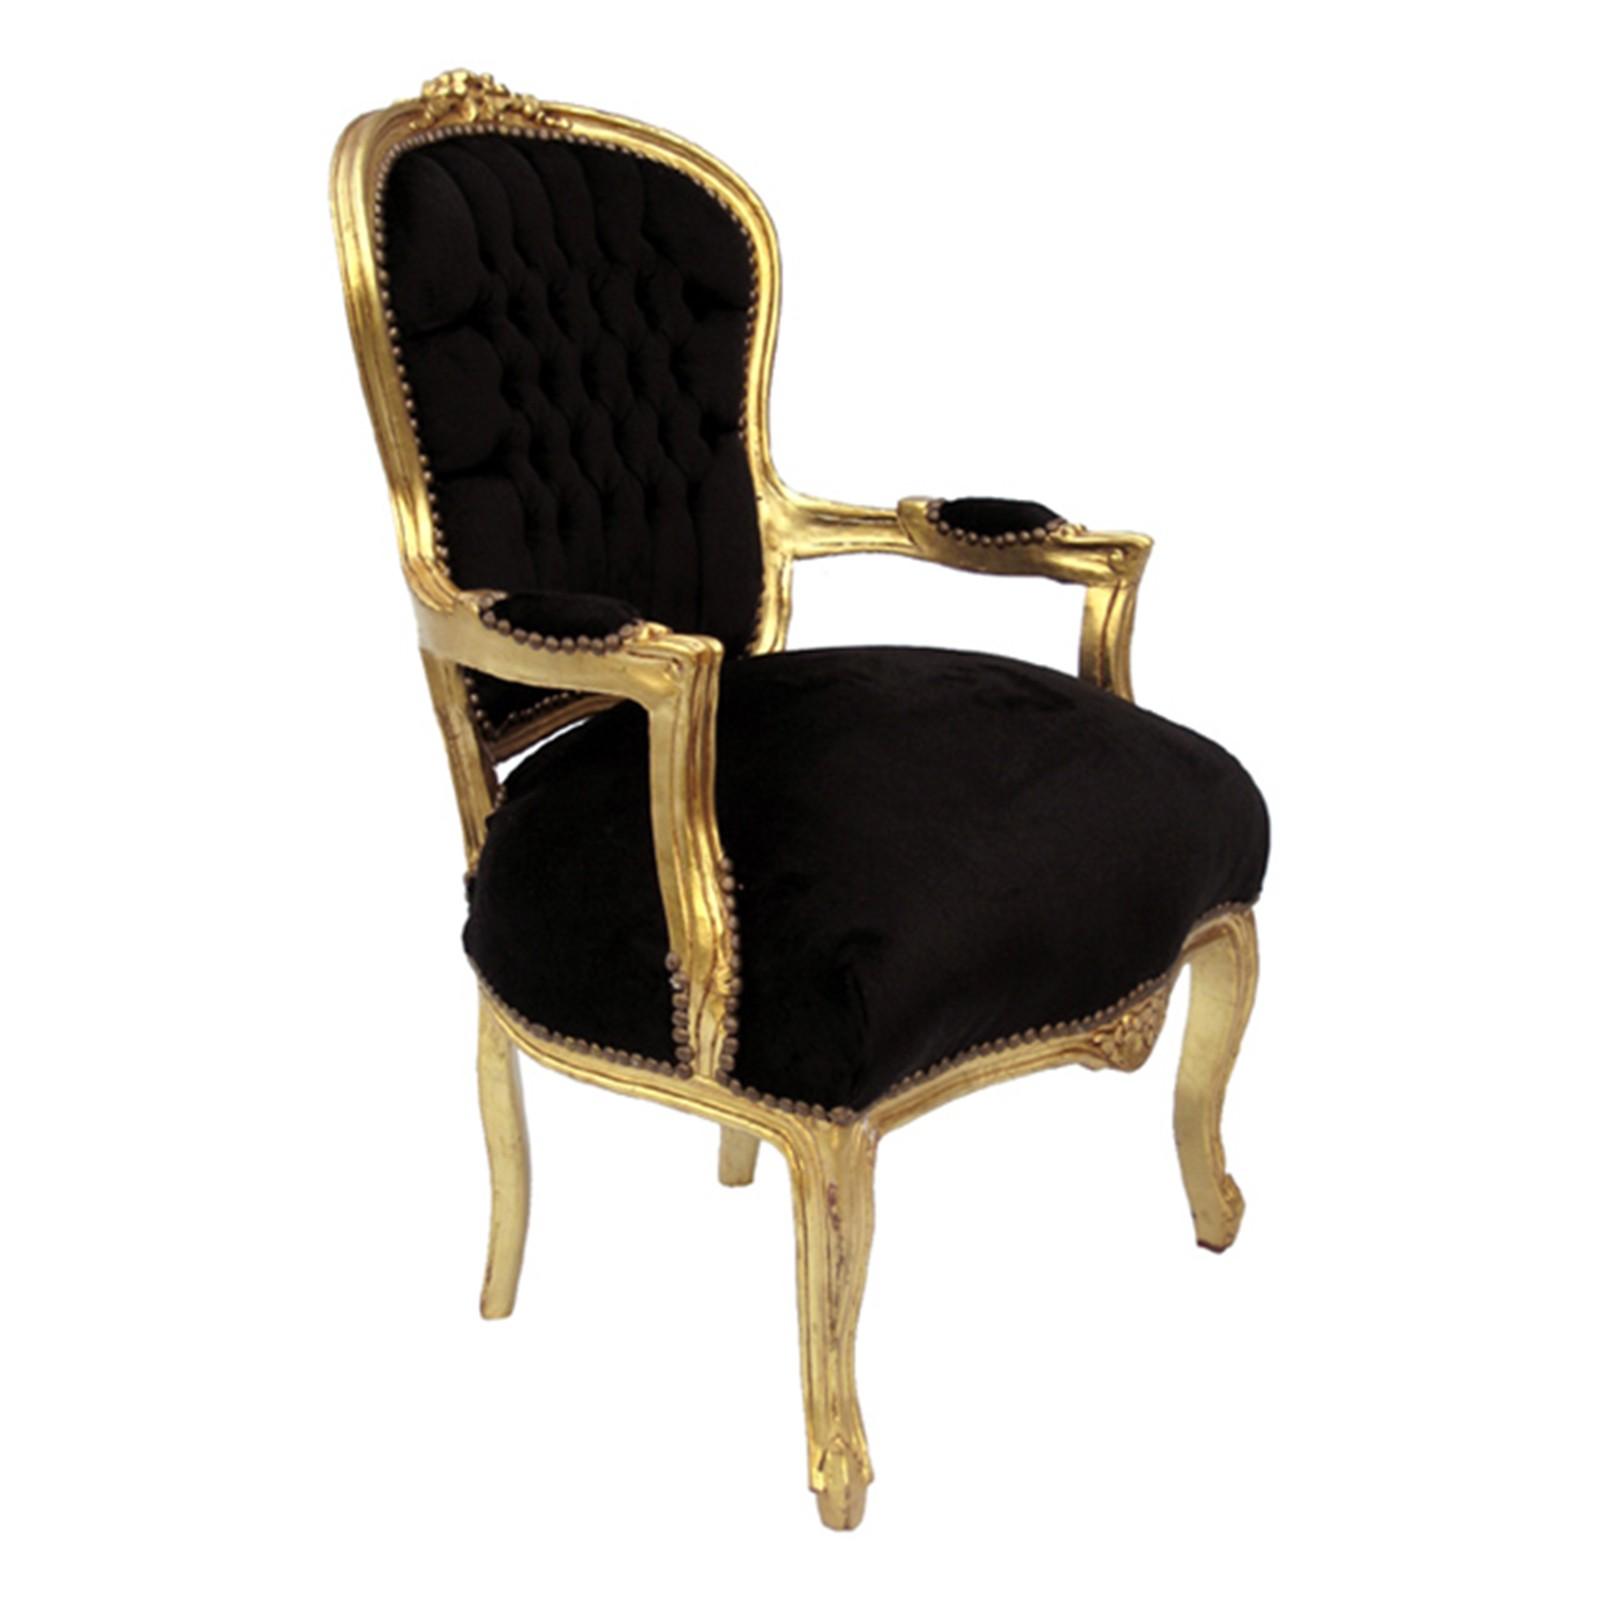 wohnungseinrichtung barock besucher stuhl armlehne schwarz gold lounge sitz. Black Bedroom Furniture Sets. Home Design Ideas